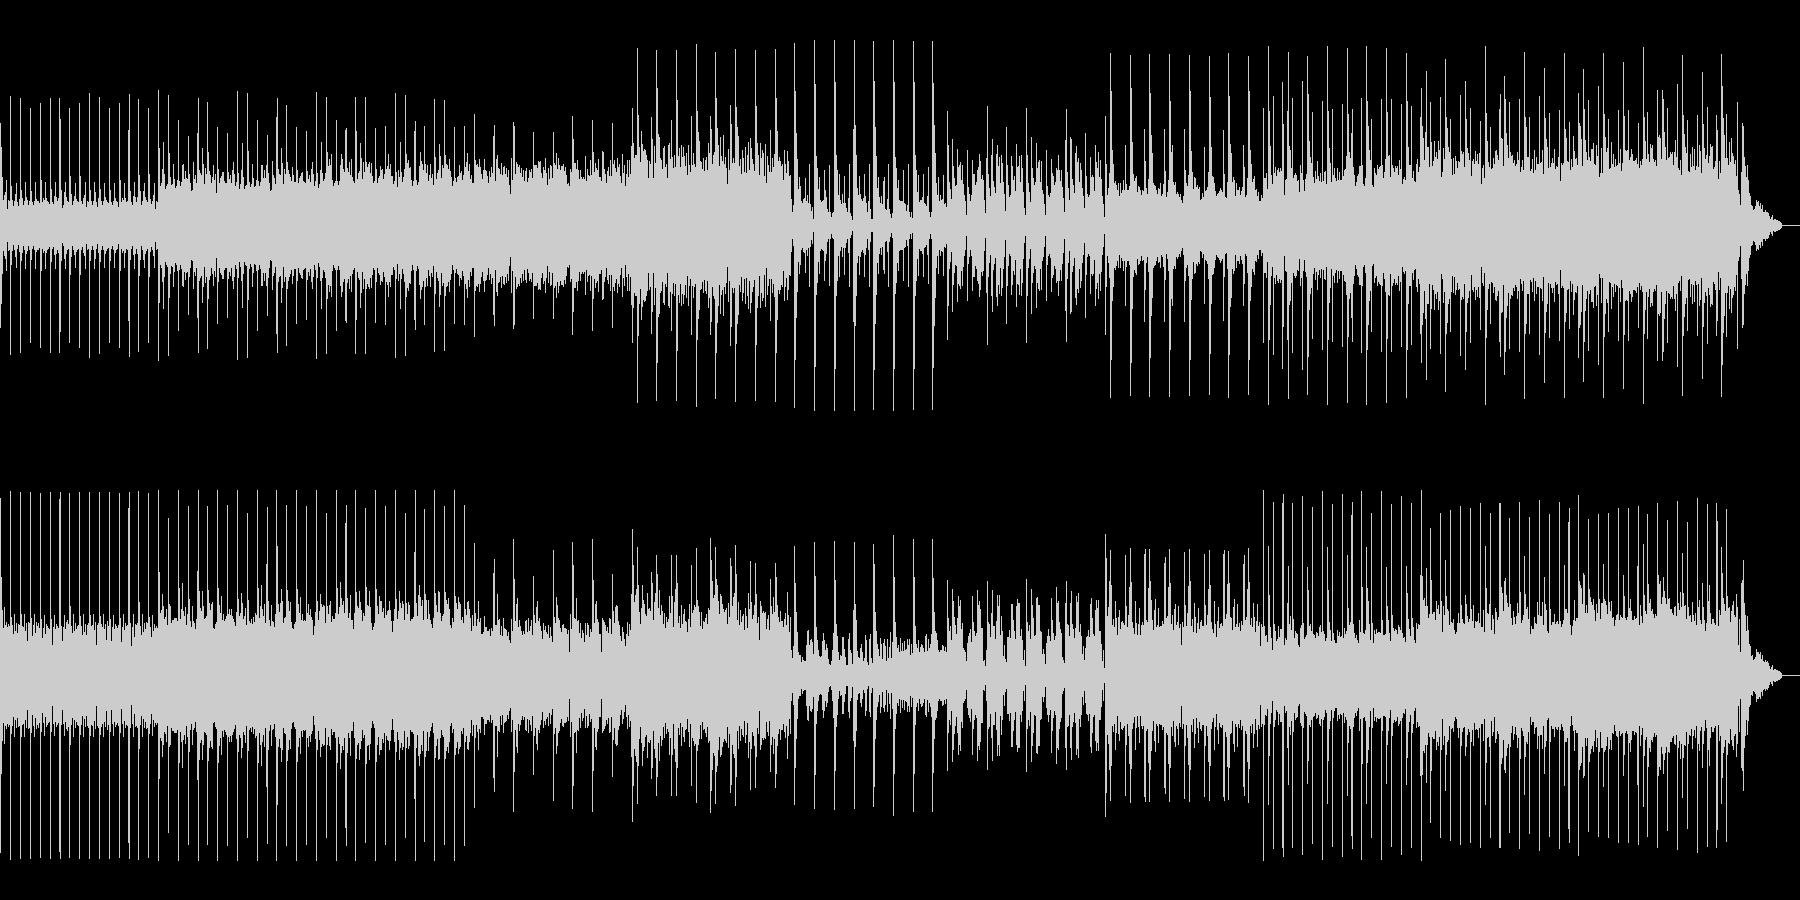 サイバーパンクテクノ・機械音・ミディアムの未再生の波形